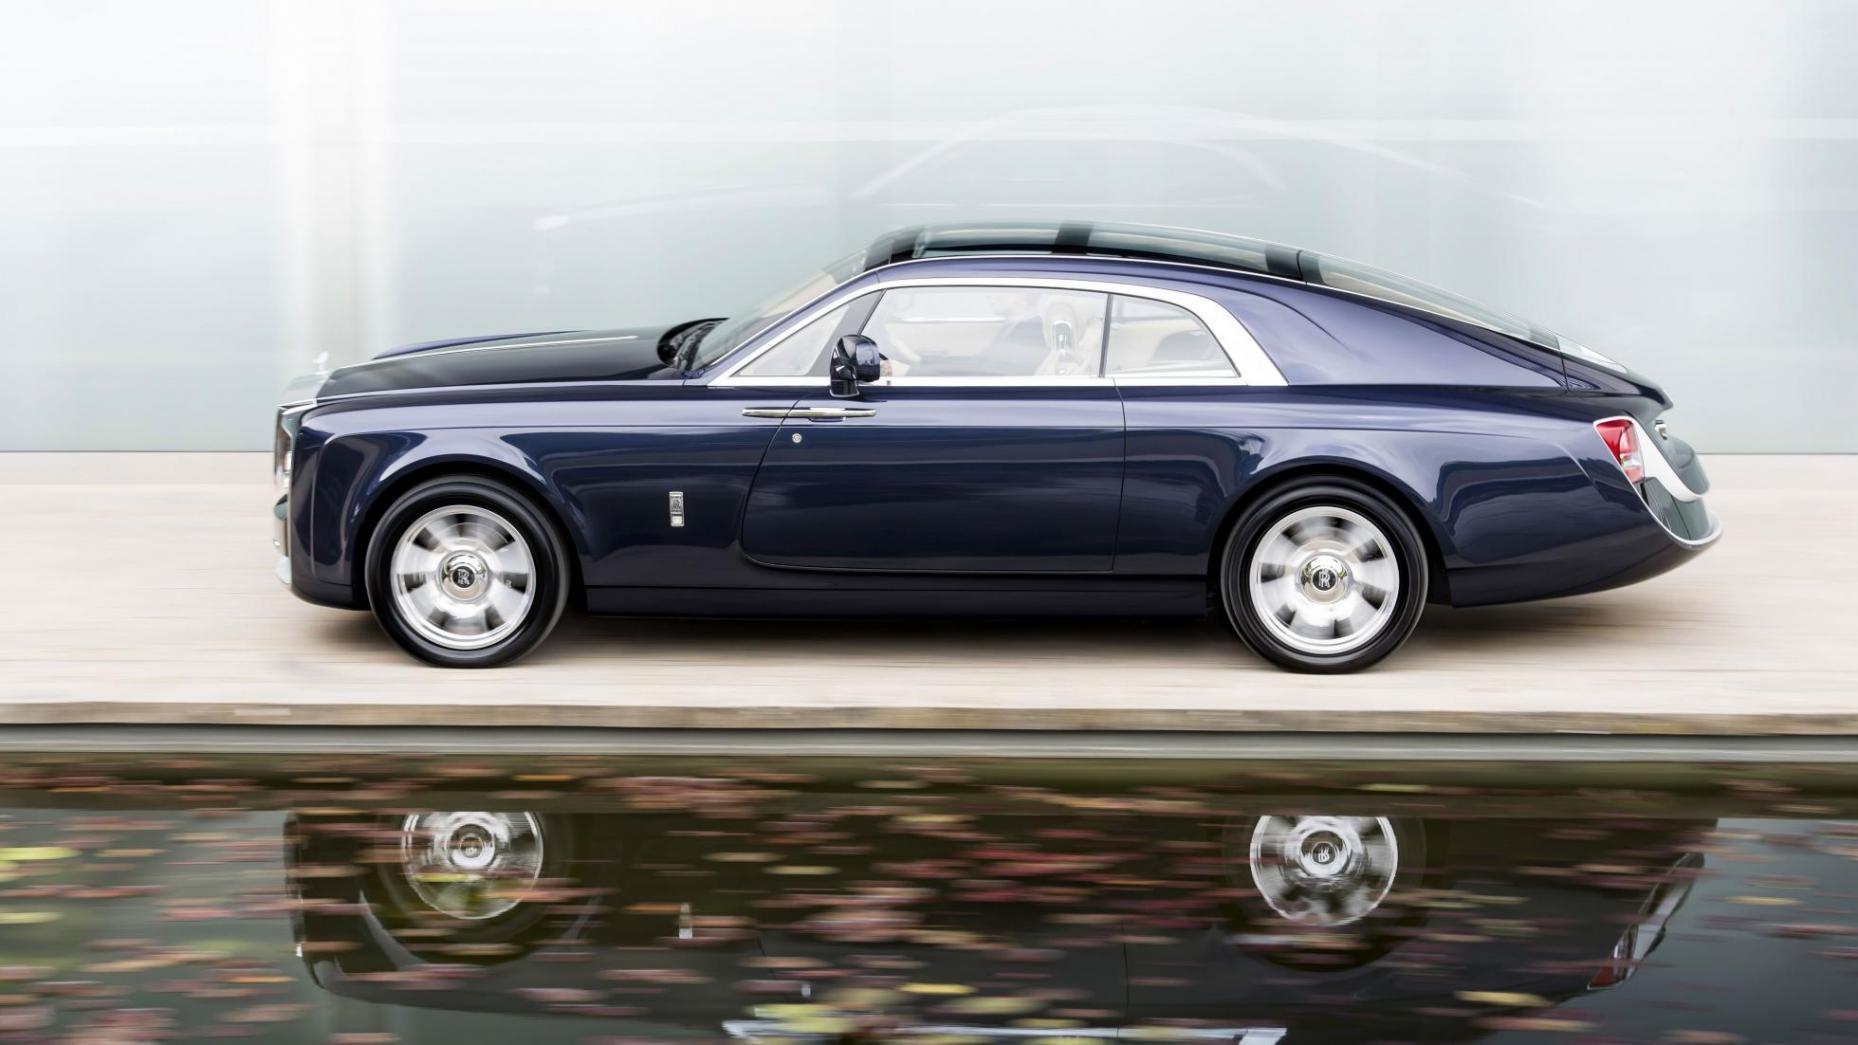 آنچه با پول قرارداد نیمار در دنیای خودرو برابری میکند/از خرید بیش از ۳۳ هزار ساندرو تا ۸۰ بوگاتی و … (+عکس)